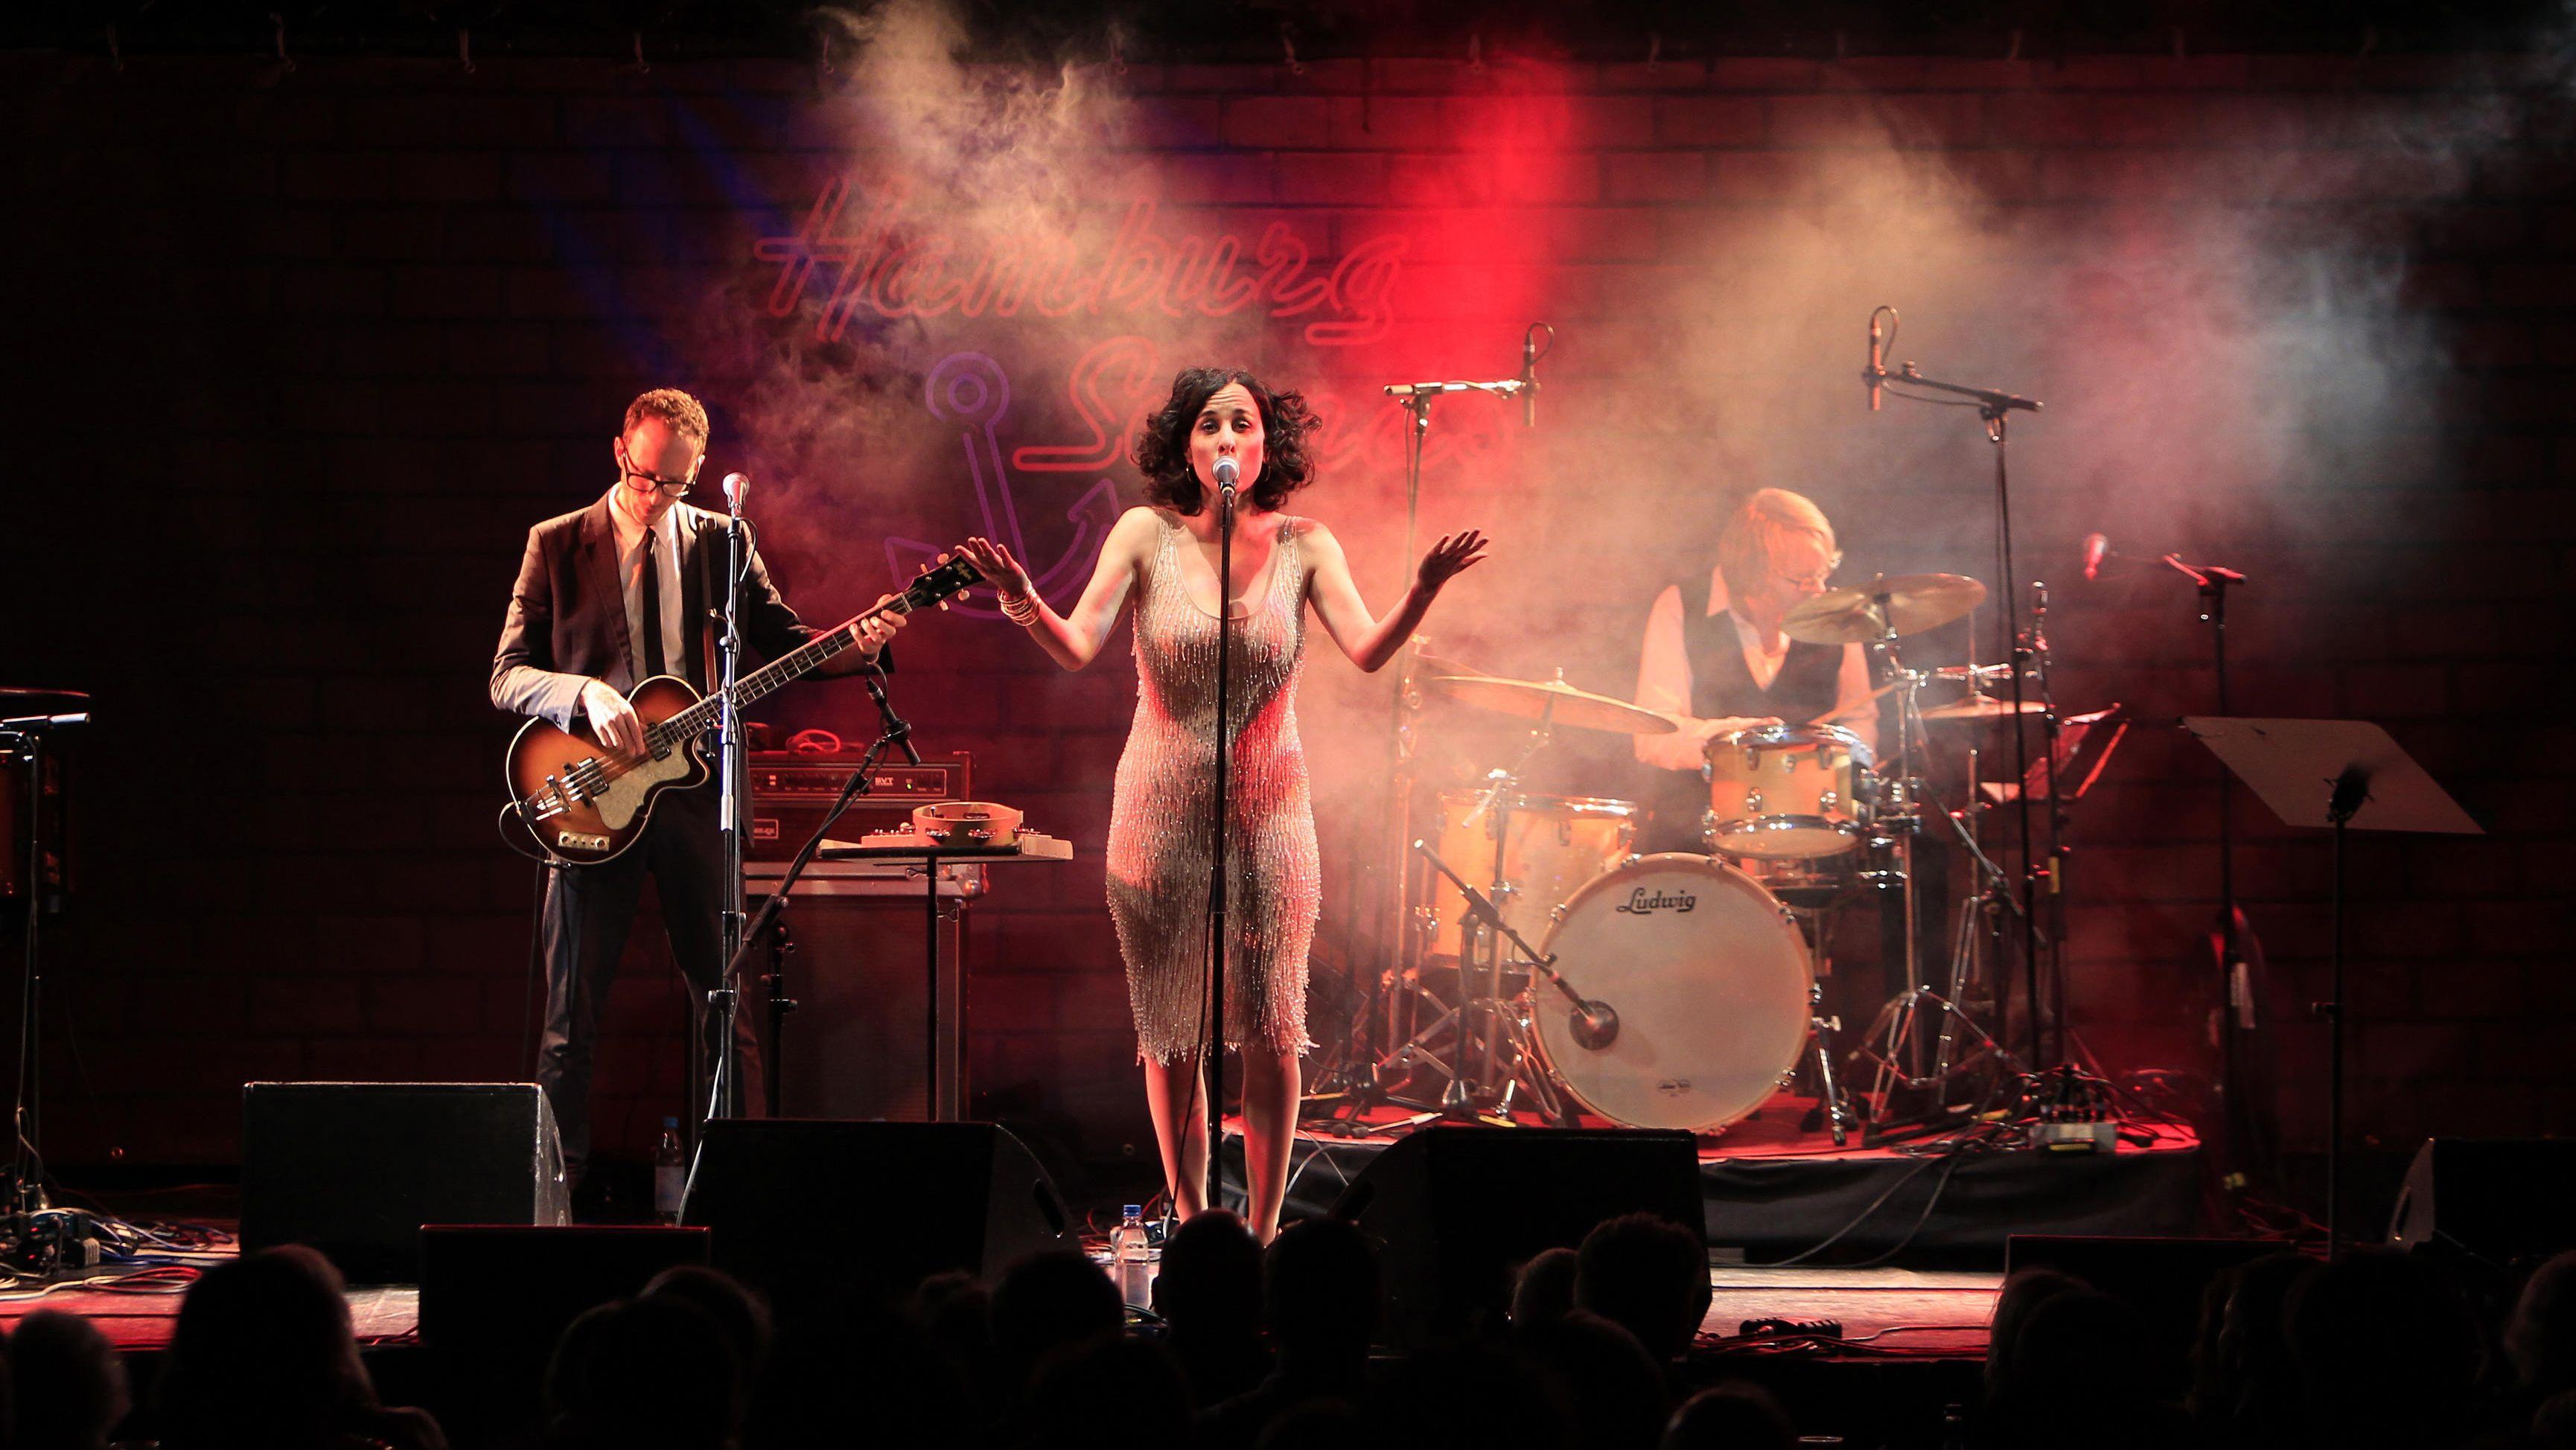 Lisa Bassenge mit Schlagzeuger und Gitarristen auf einer nebligen Bühne